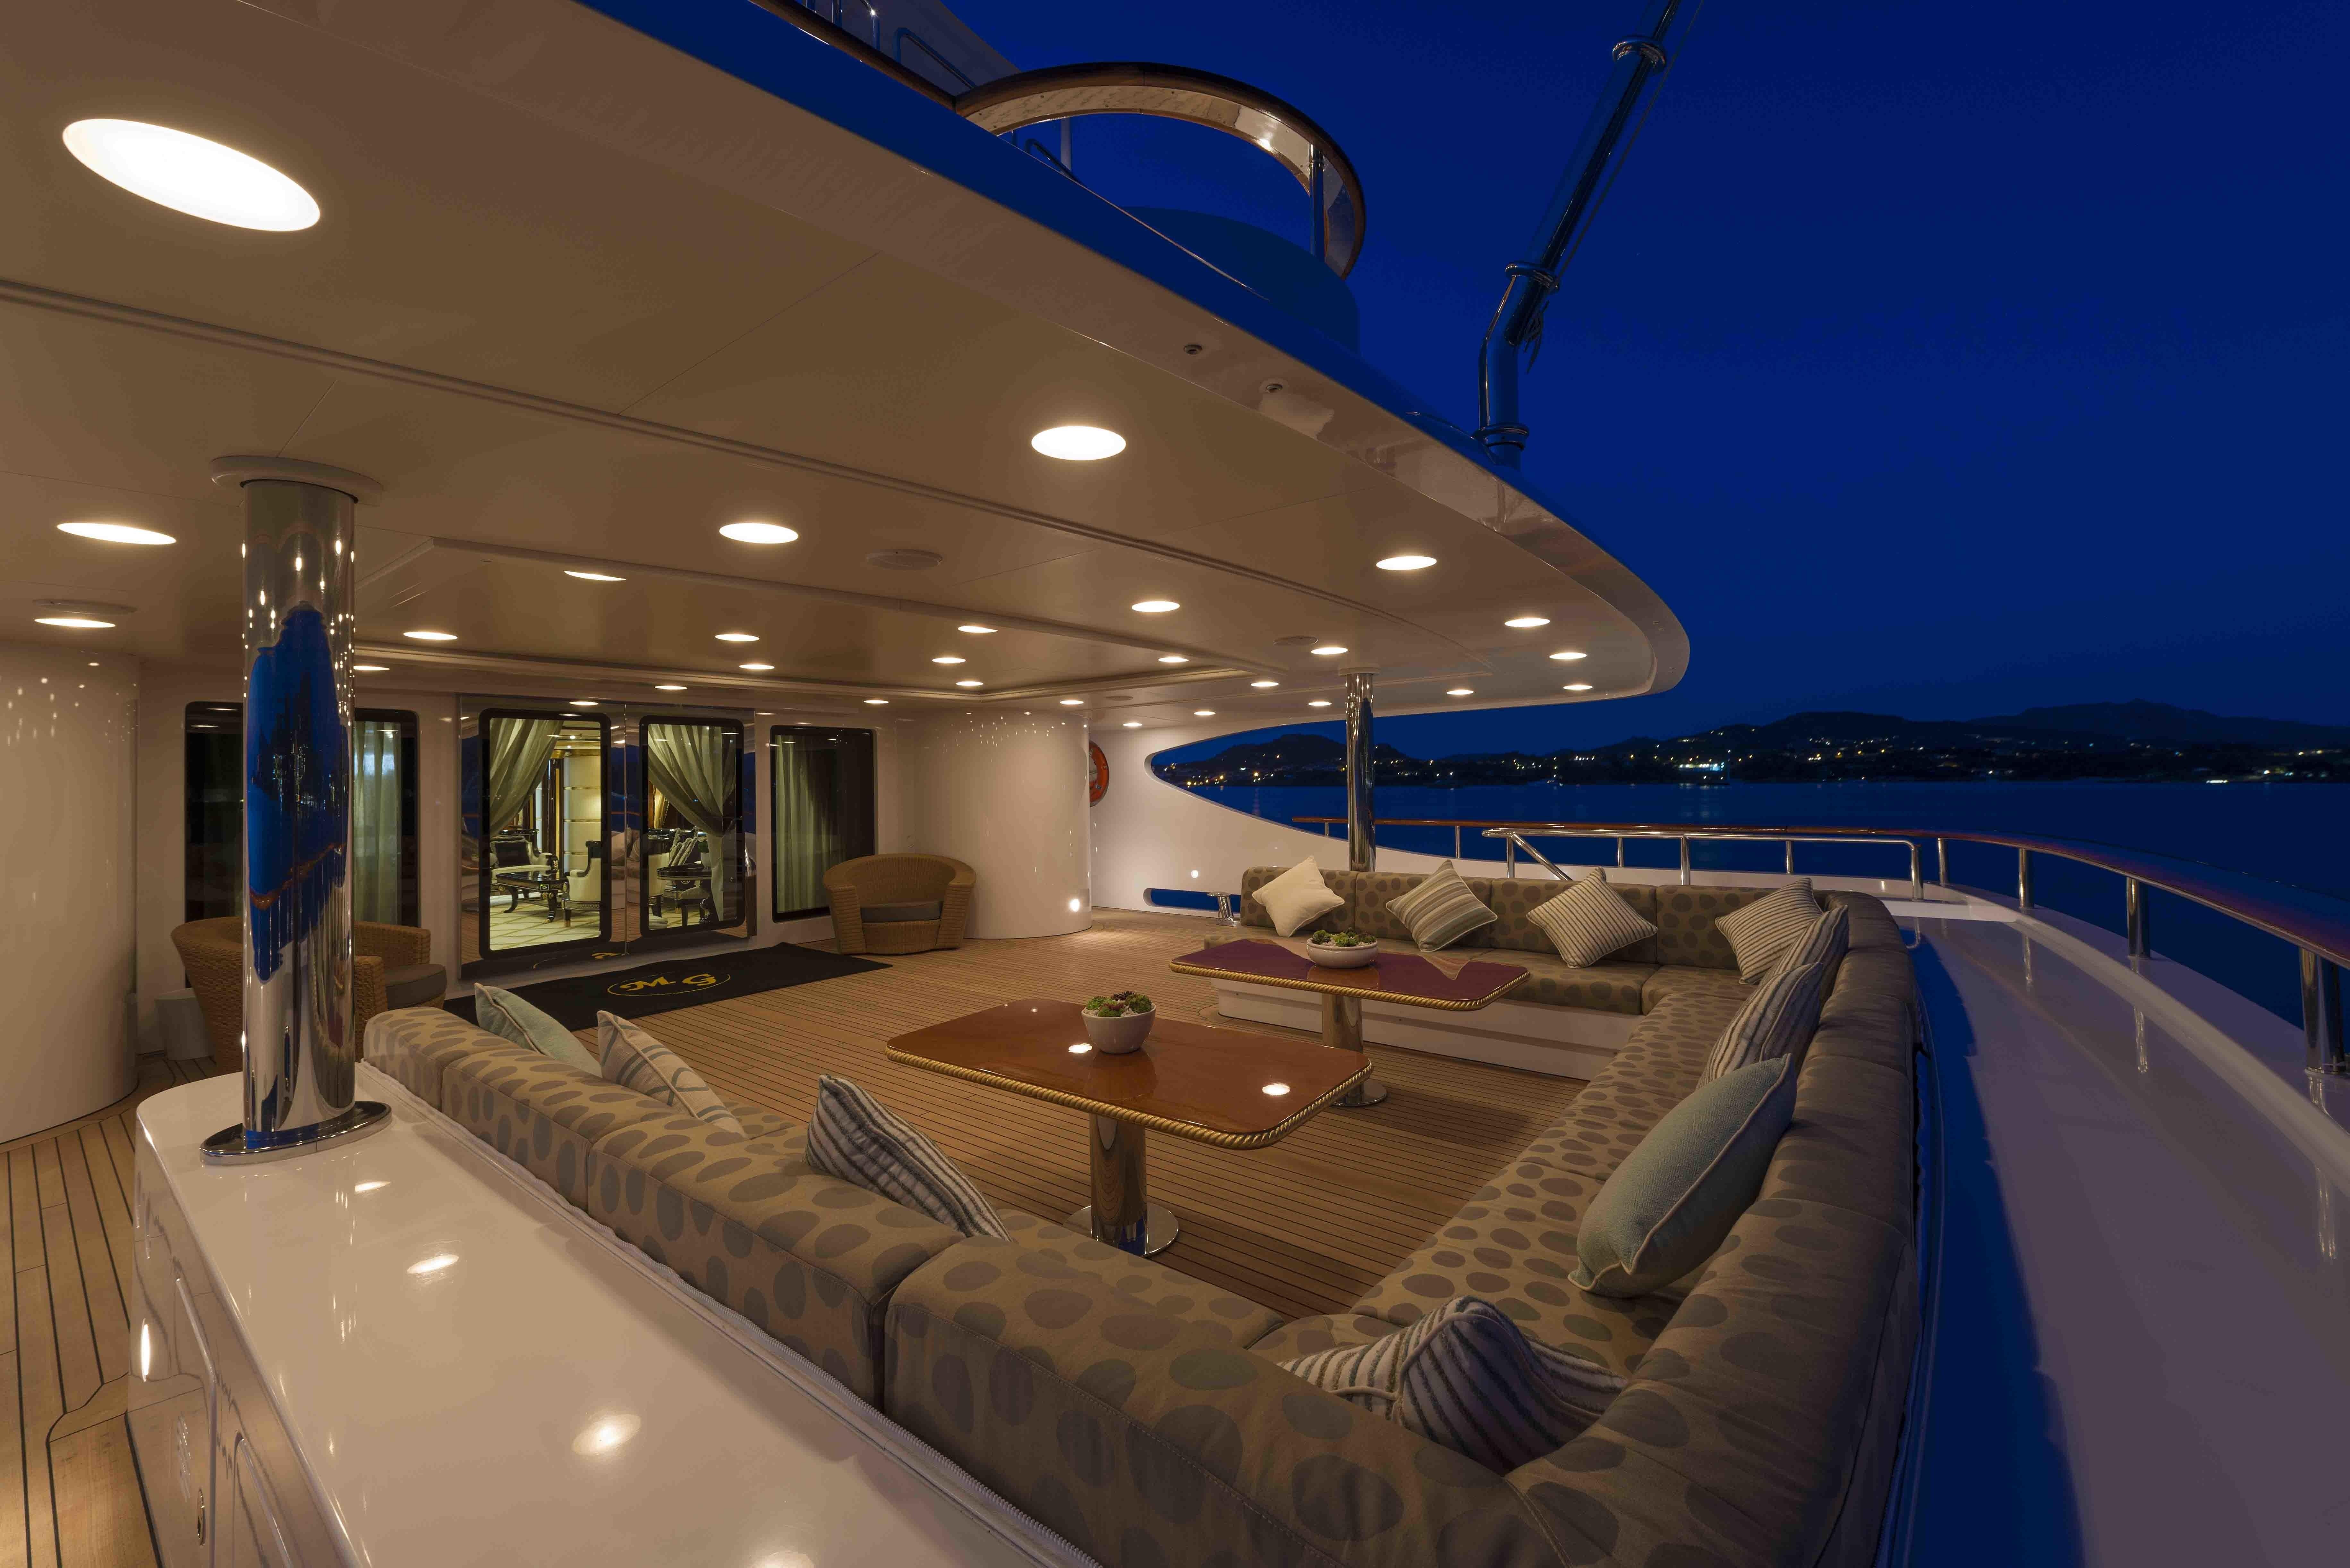 main aft deck exterior area